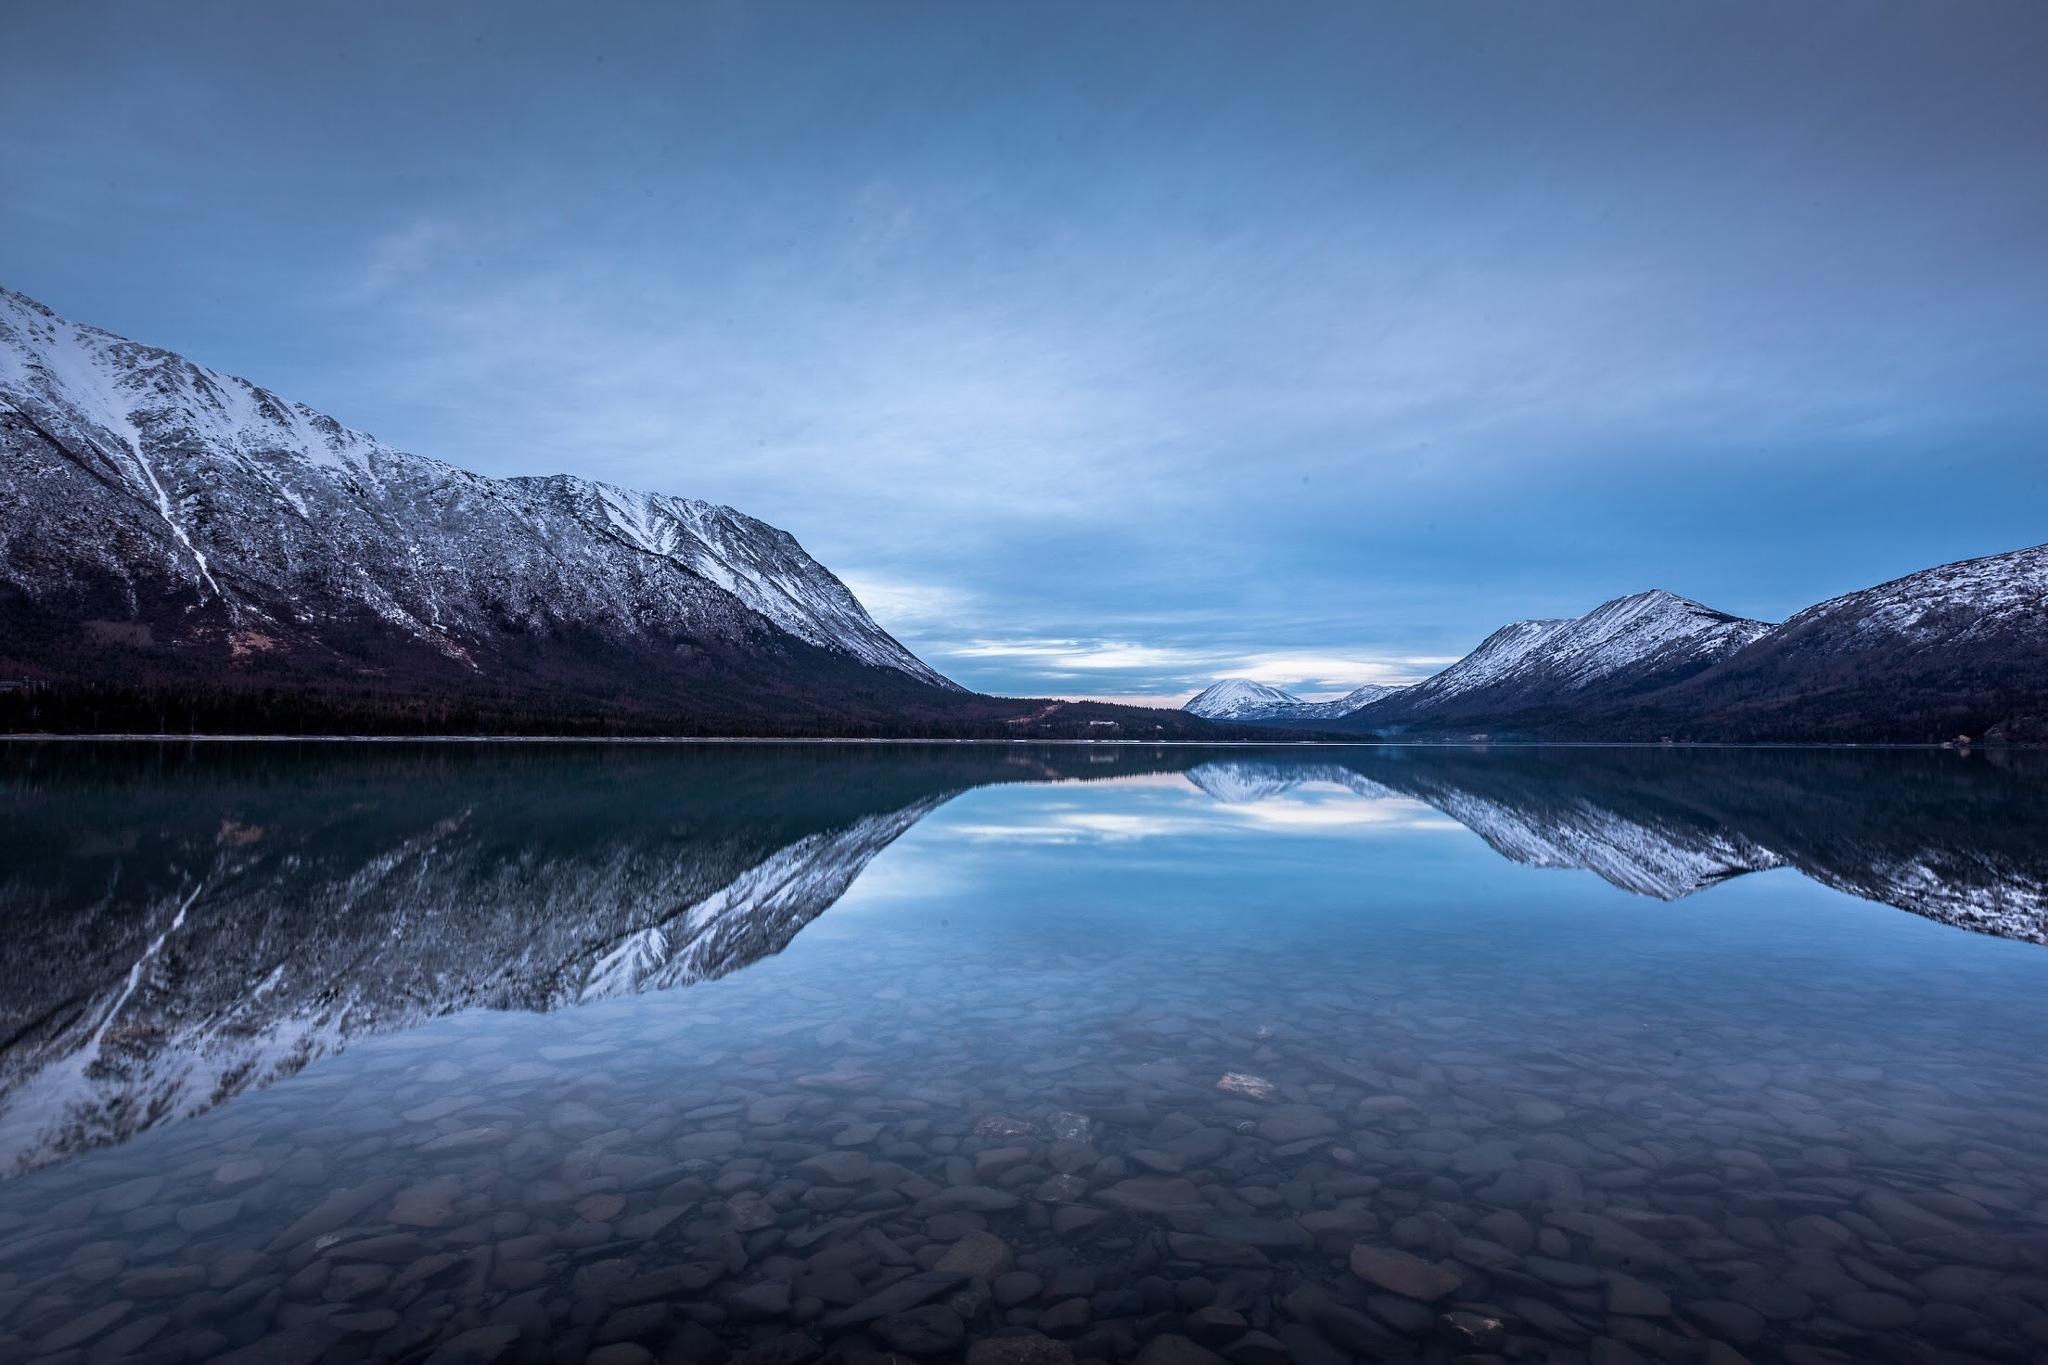 Kenai Lake, in Cooper Landing, Alaska by Justin Beyerlin